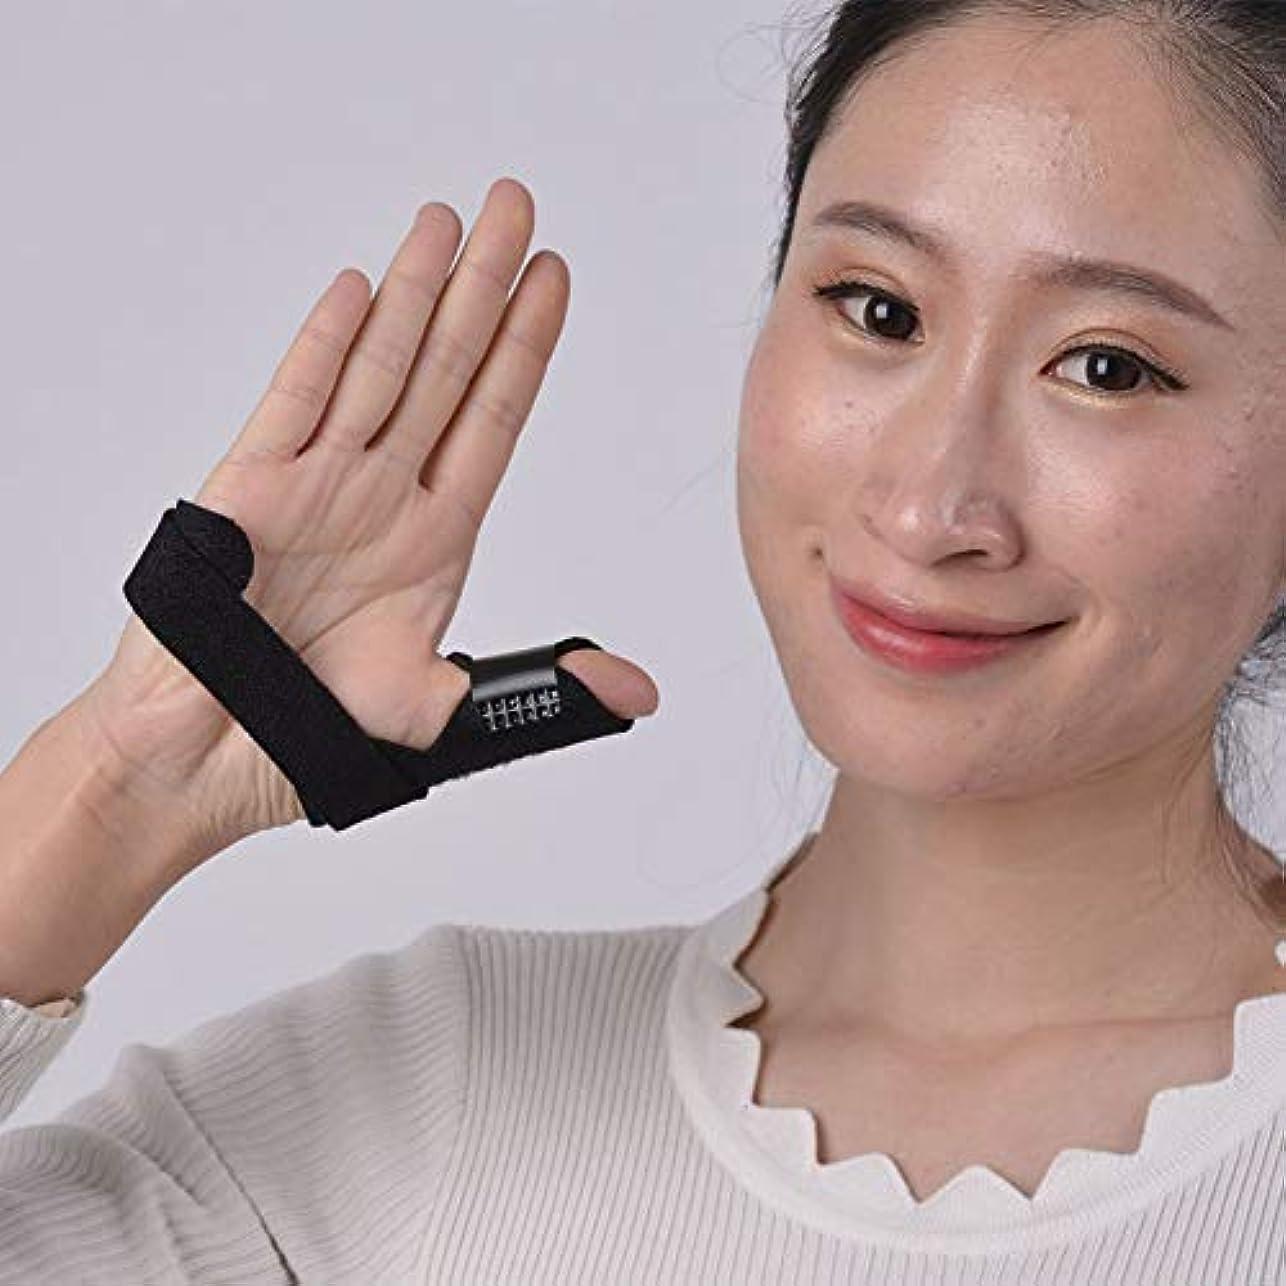 嫌な忠実なフォーム引き金指関節炎靭帯の痛み指骨折創傷術後のケアと痛みを軽減するための指ストレイテナー固定副木